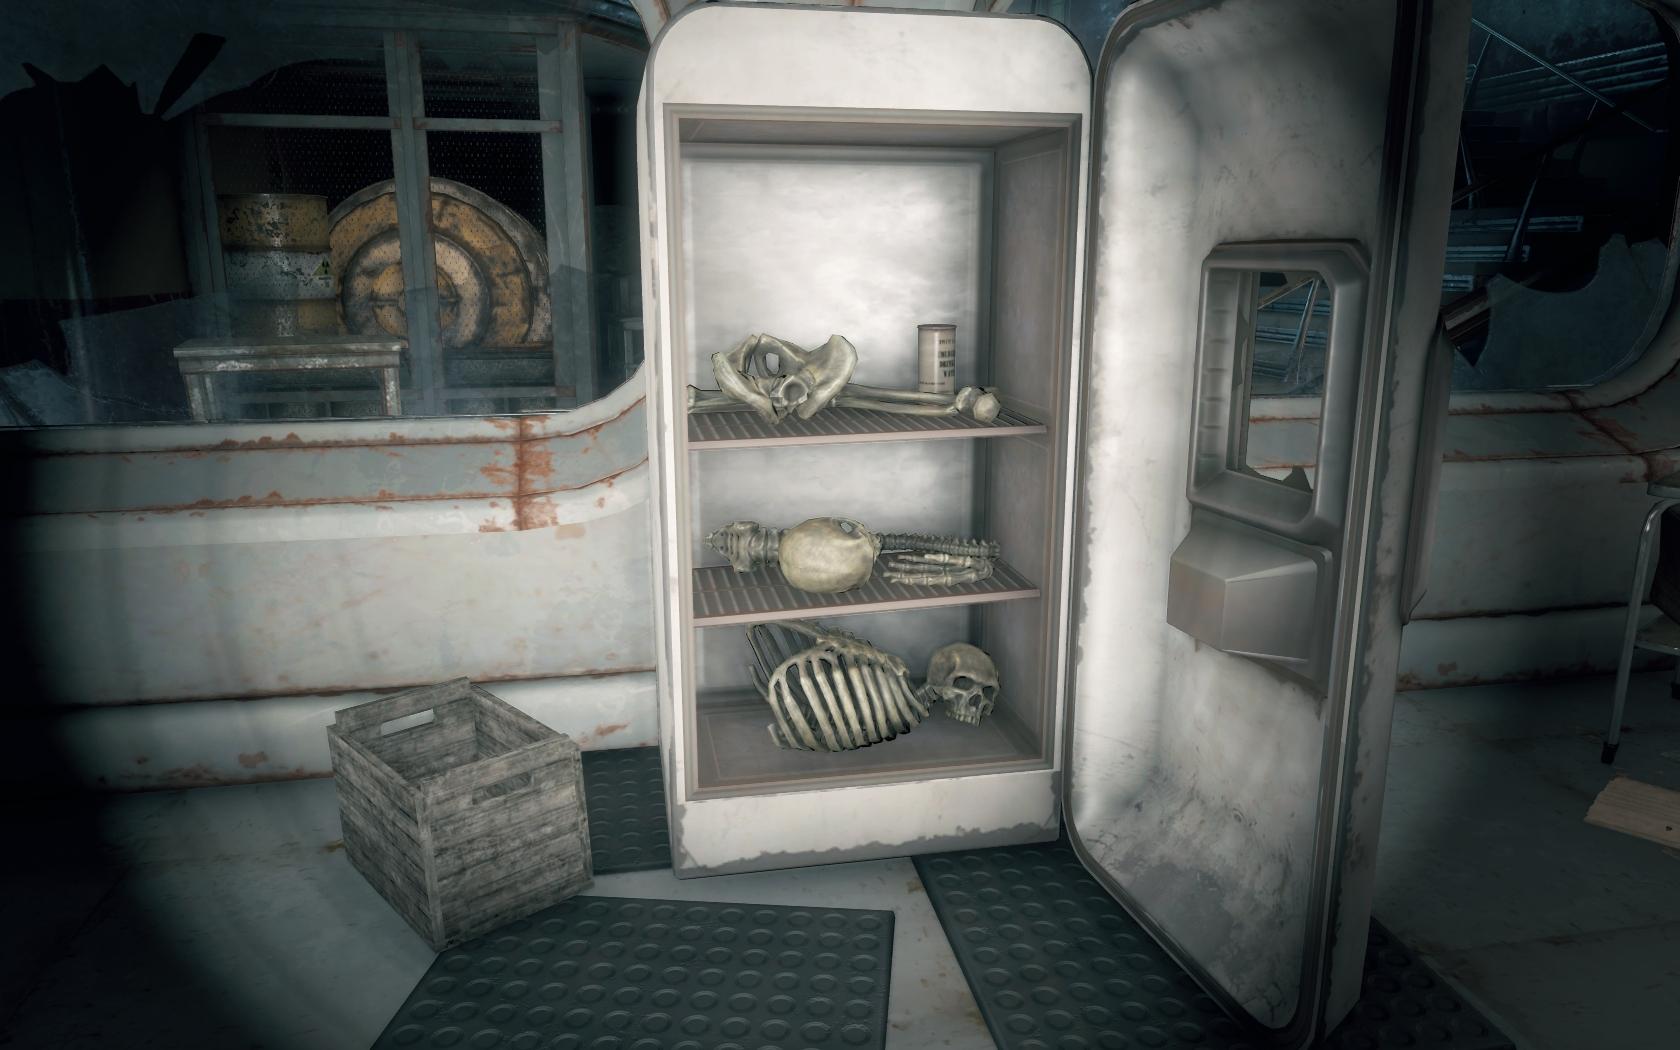 Холодильник полный жрачки - 3 (Мед-Тек Рисёрч) v2 - Fallout 4 Мед-Тек Рисёрч, скелет, холодильник